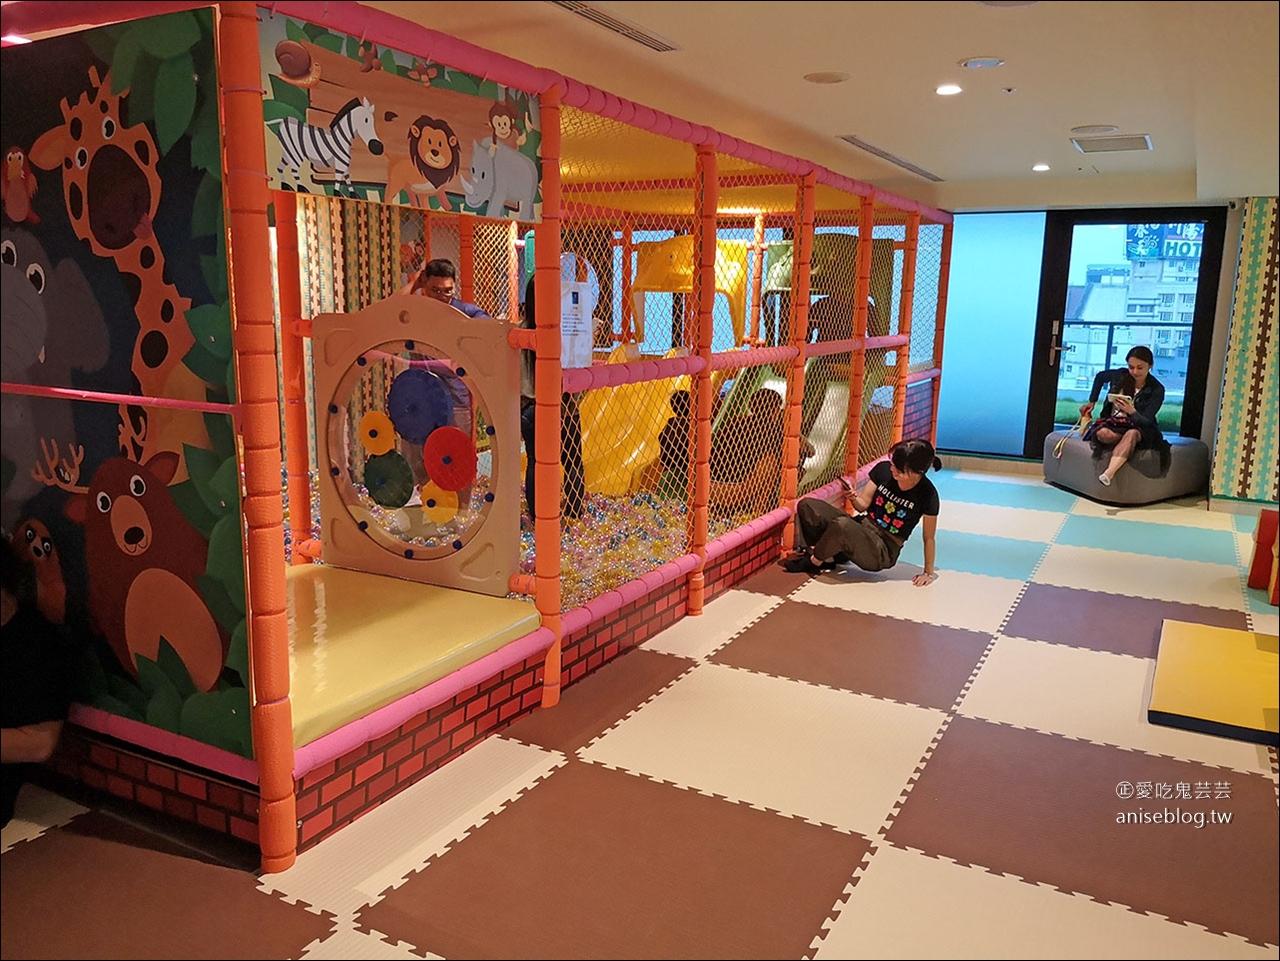 礁溪兆品酒店 | 超可愛積木房,尋寶泡湯嚐美食,玩到不想離開!(文末有尋寶遊戲謎底!)